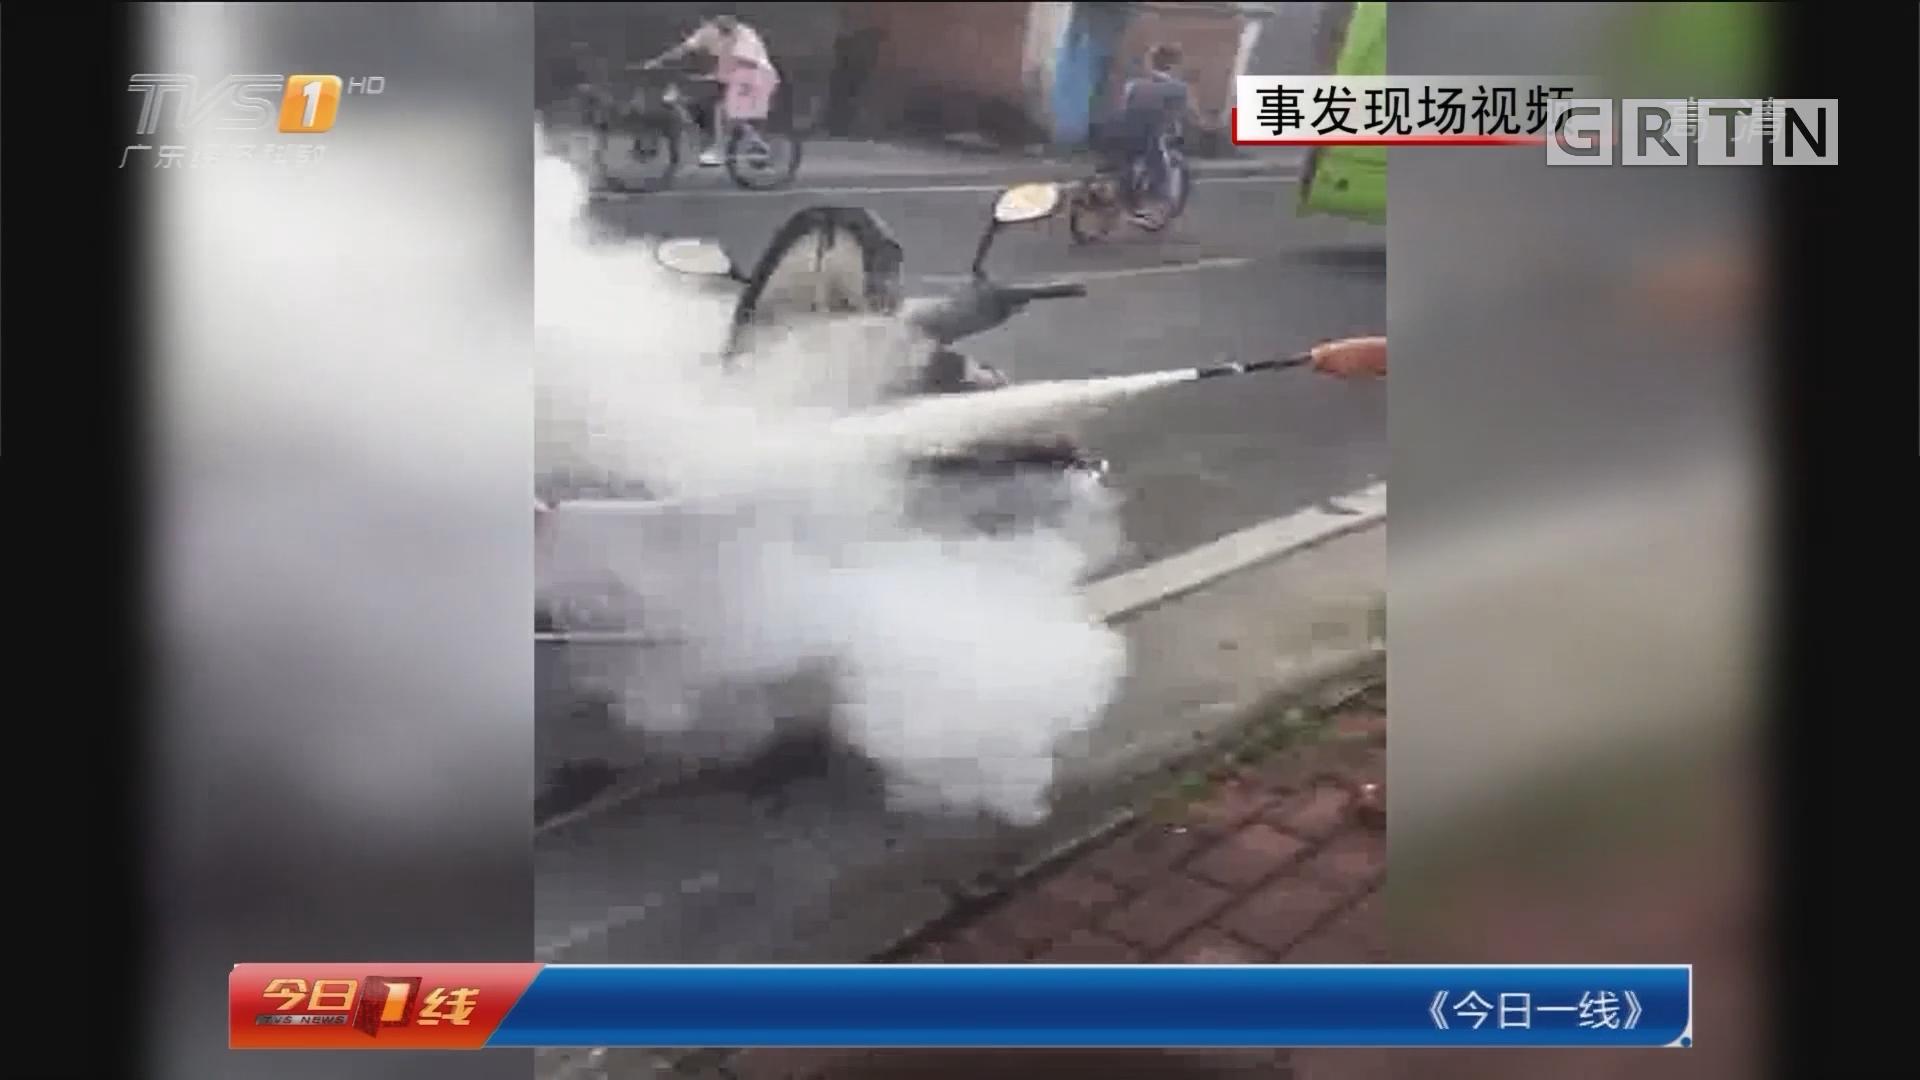 中山三乡:电动车闹市燃烧 过路司机奋勇灭火